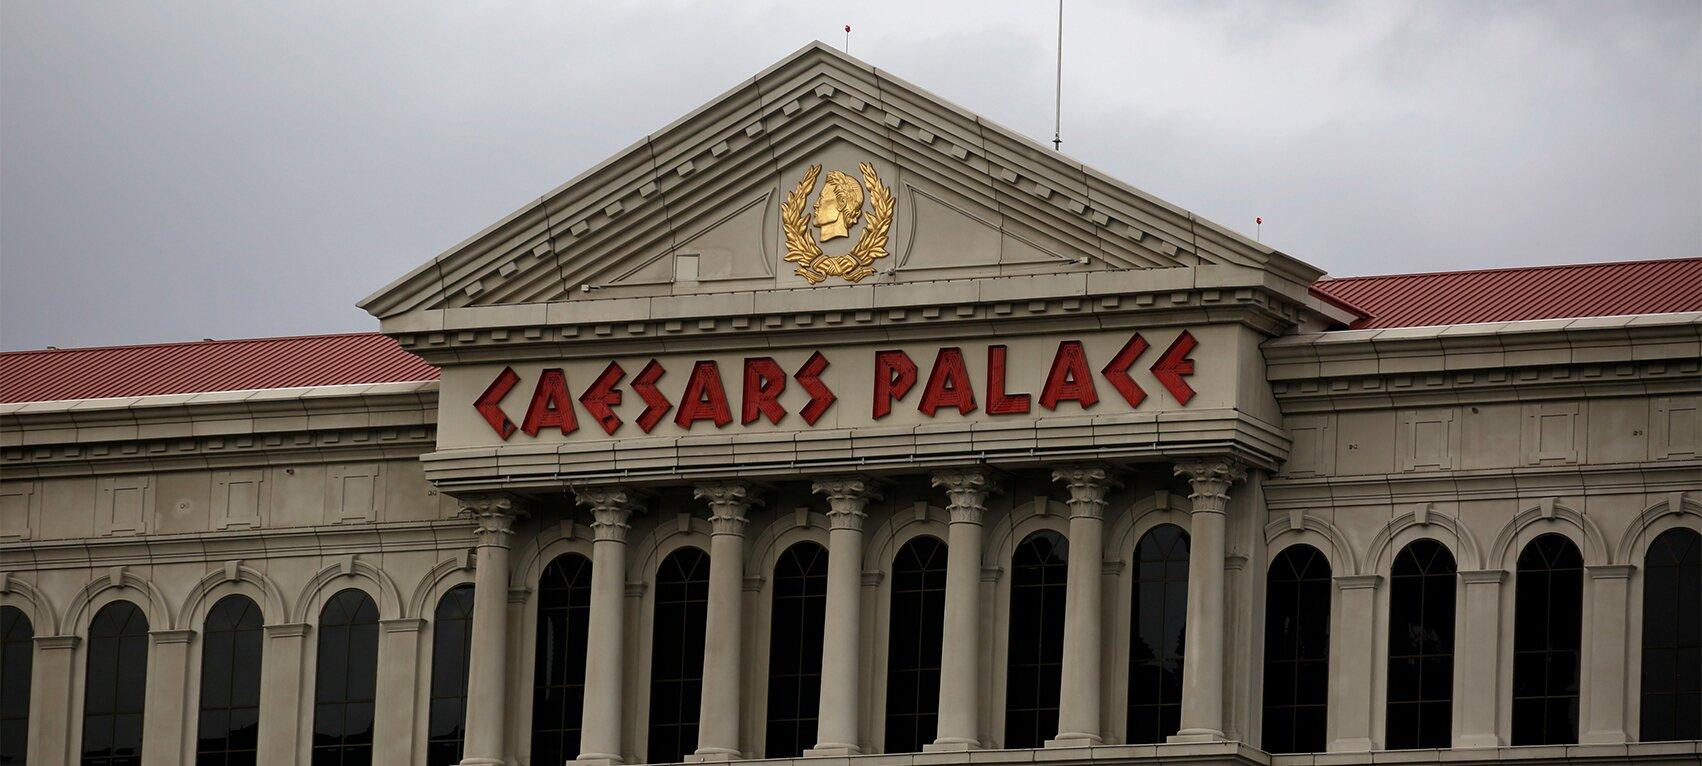 https://www.gambleonline.co/app/uploads/2021/04/caesars-palace-1.jpg